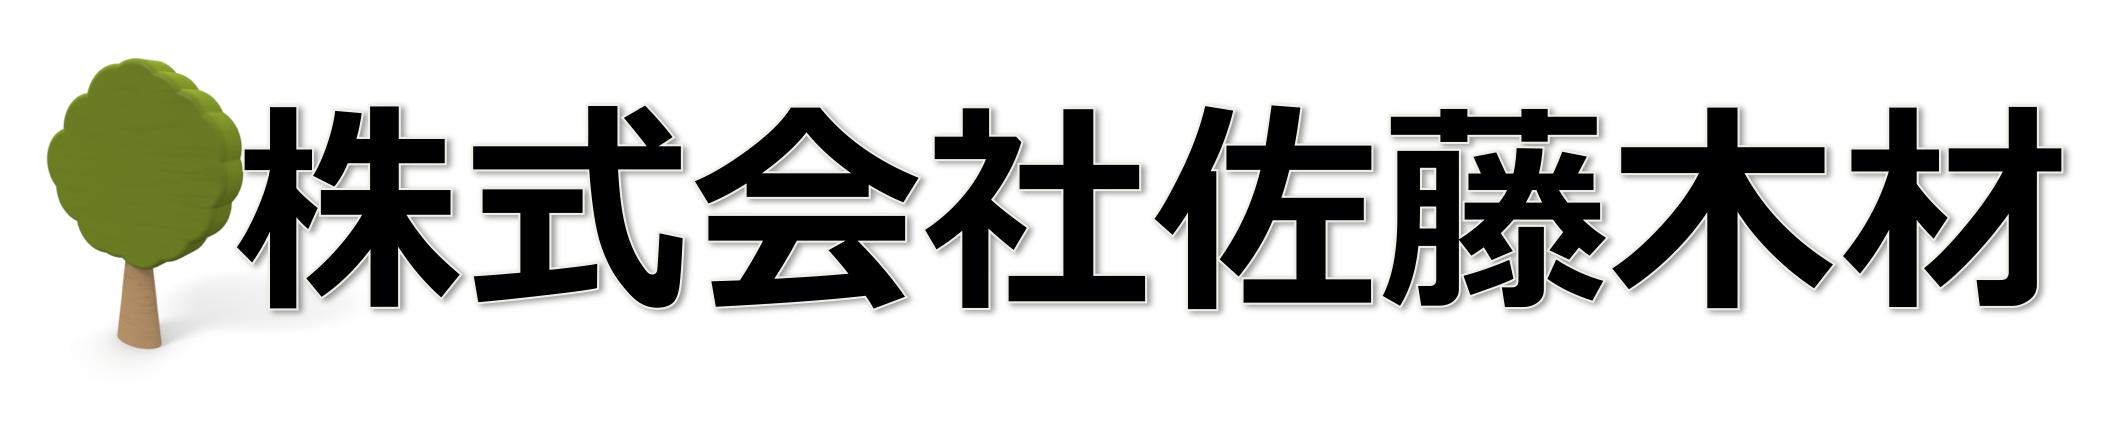 株式会社佐藤木材